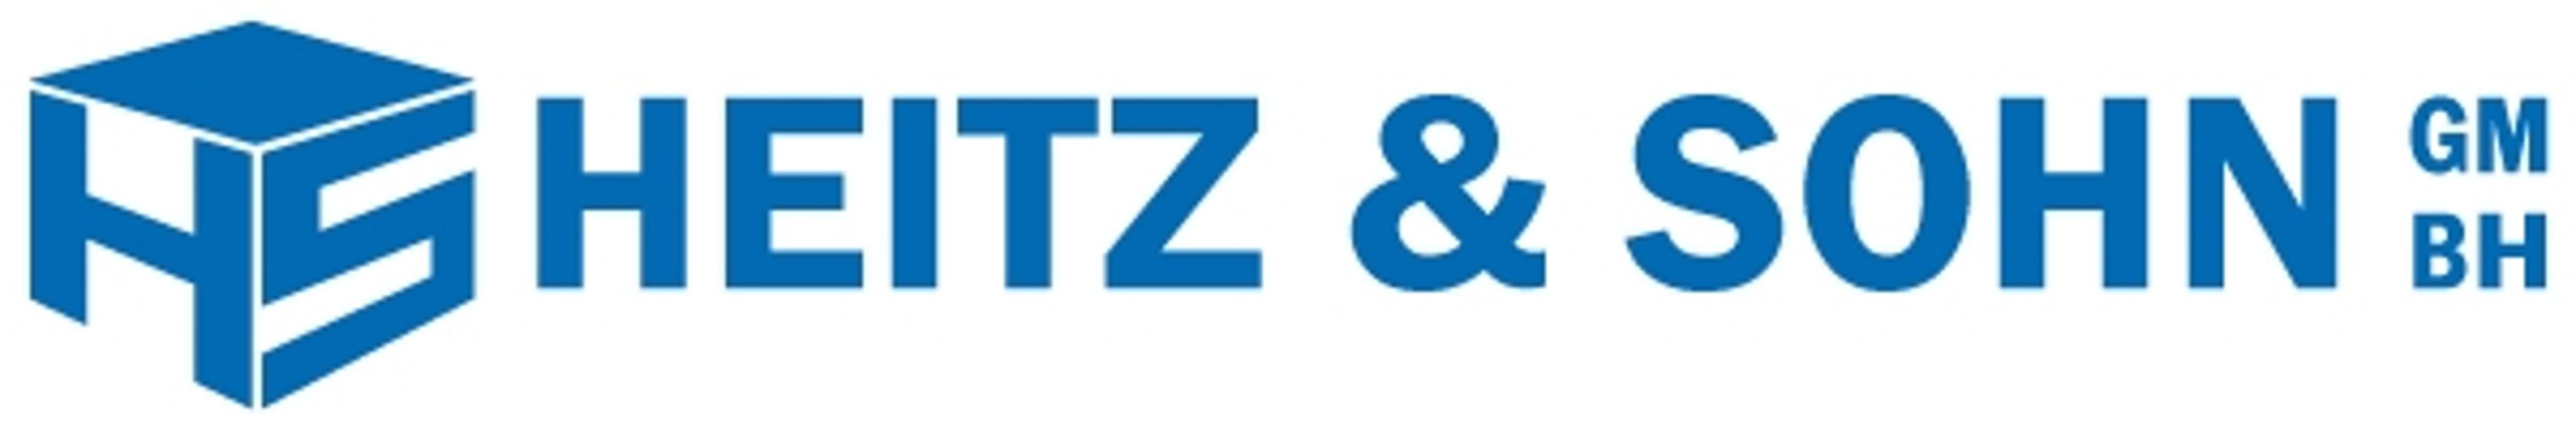 Bild zu Heitz & Sohn GmbH in Rehlingen Siersburg